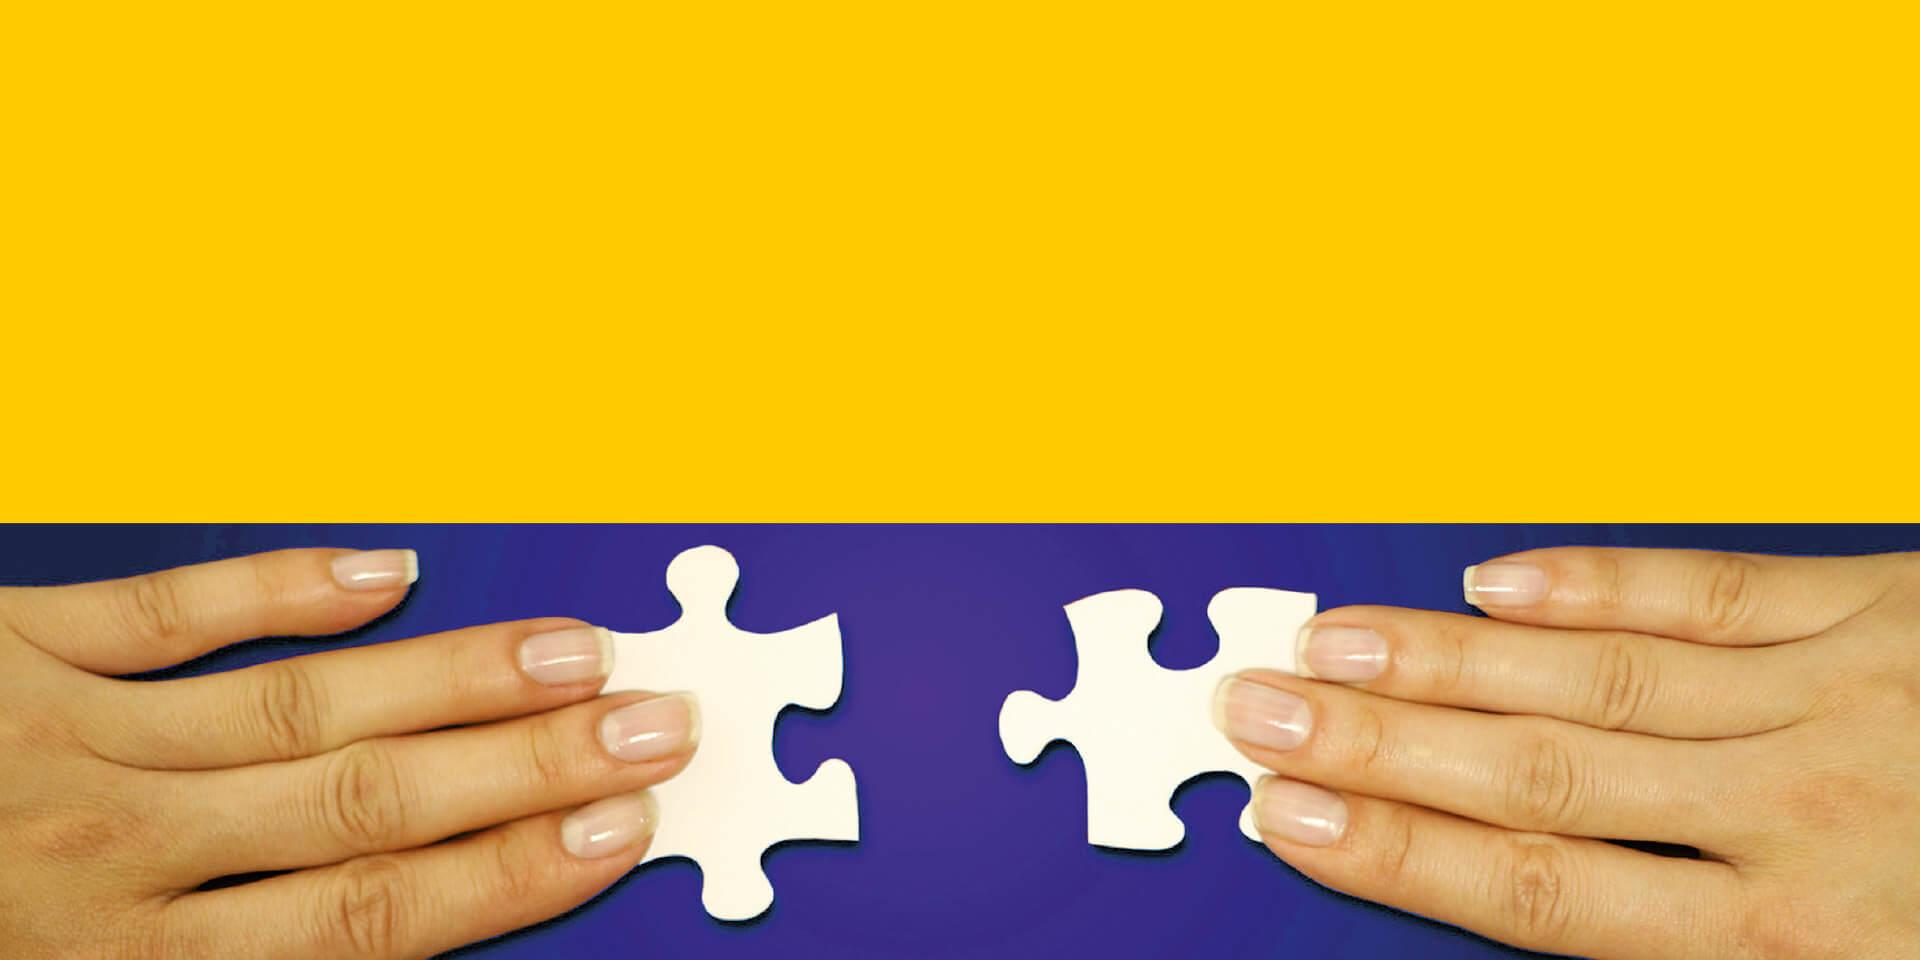 Ökuemenkonzeption Titelbild Ausschnitt Hand mit Puzzle